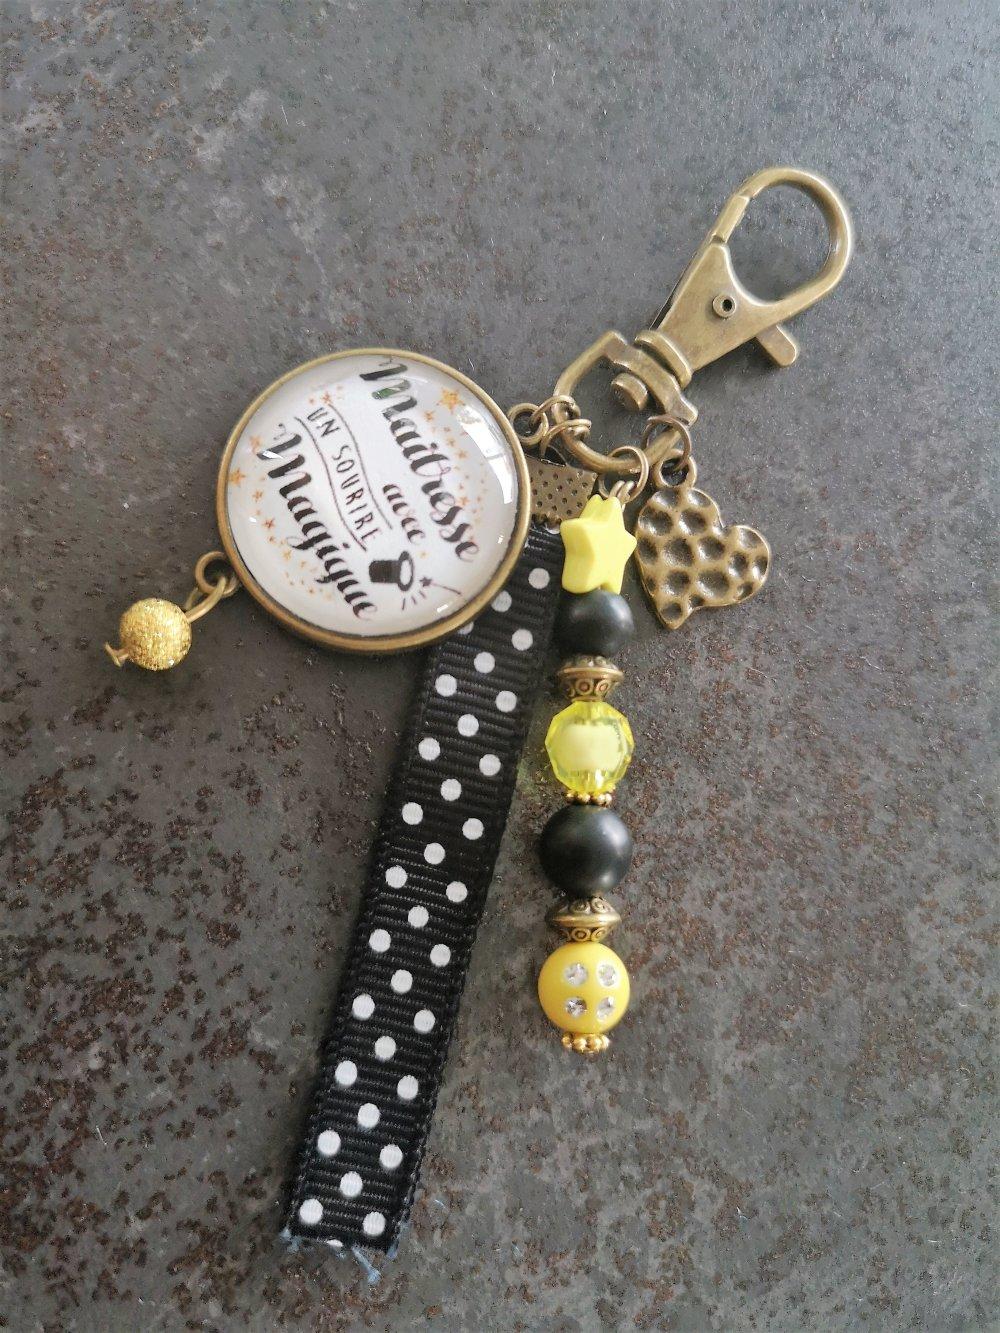 bijou de sac maitresse, cadeau maitresse, cadeau personnalisé, porte clés personnalisé